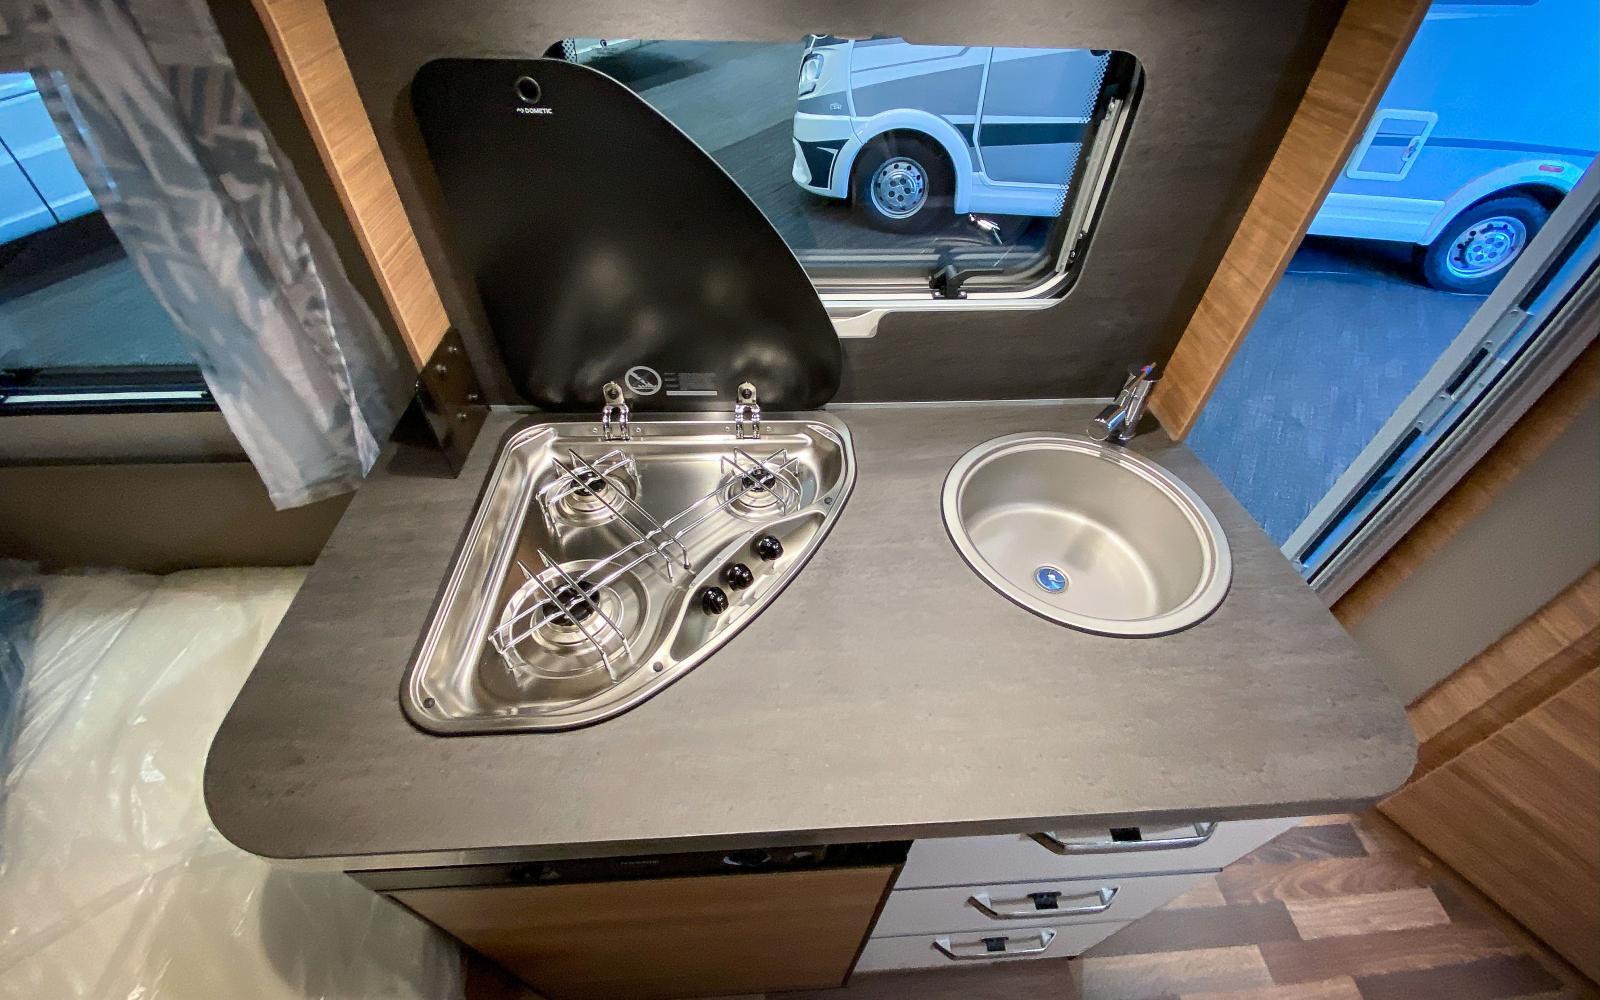 Köksbänken består av spis och diskho. Tre spislågor och ett kylskåp på 106 liter och viss arbetsyta runtom.